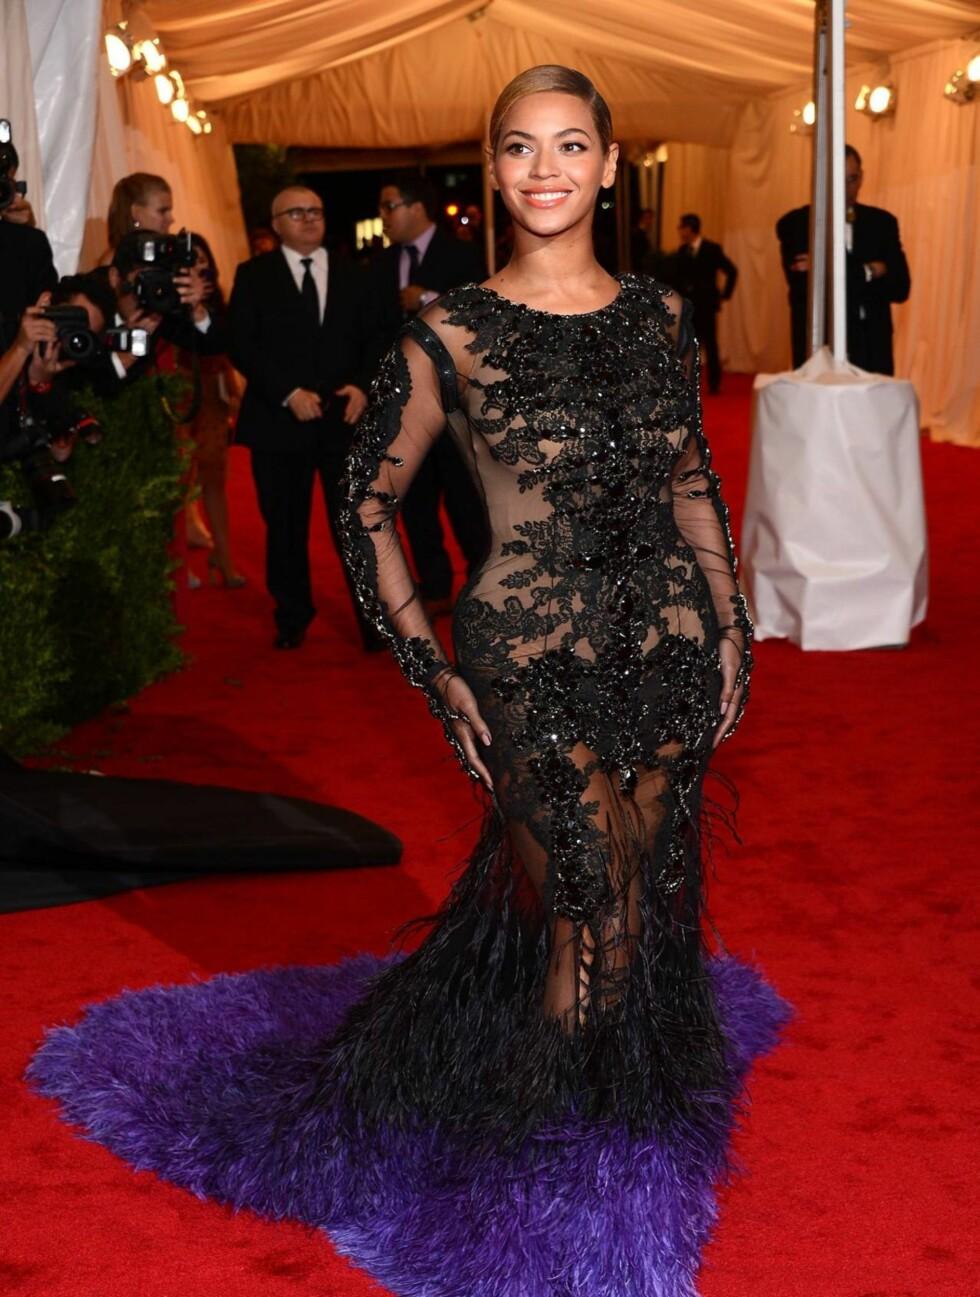 KVELDENS STORE STJERNE: Beyoncé tok pusten fra alle de fremmøtte i sin gjennomsiktige kjole fra Givenchy.  Foto: All Over Press